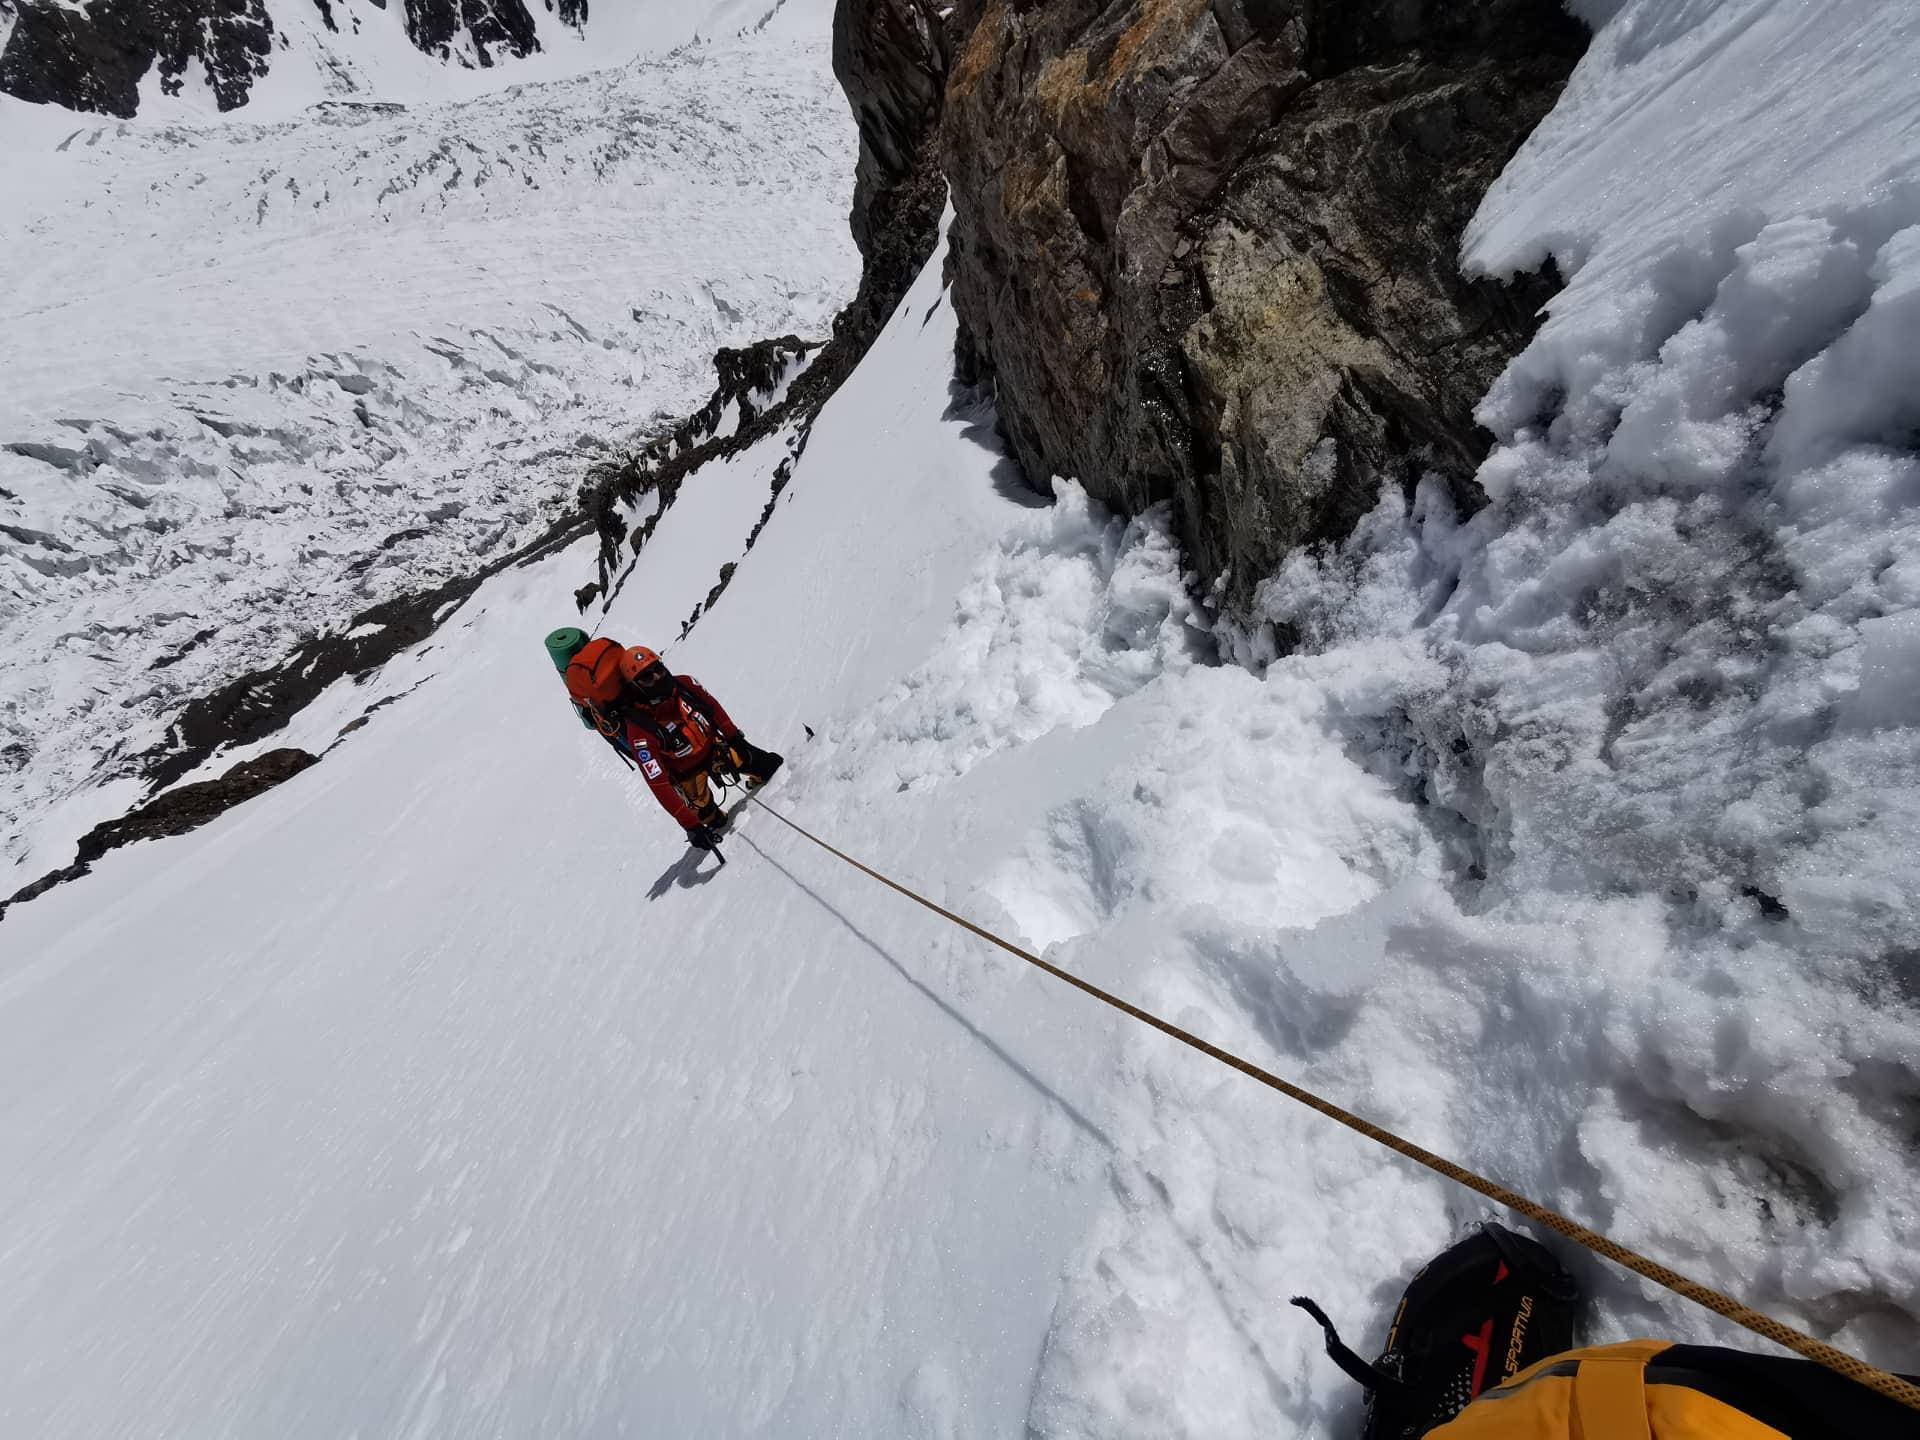 Egyedül a hegyen Forrás: Magyar K2 expedíció 2019